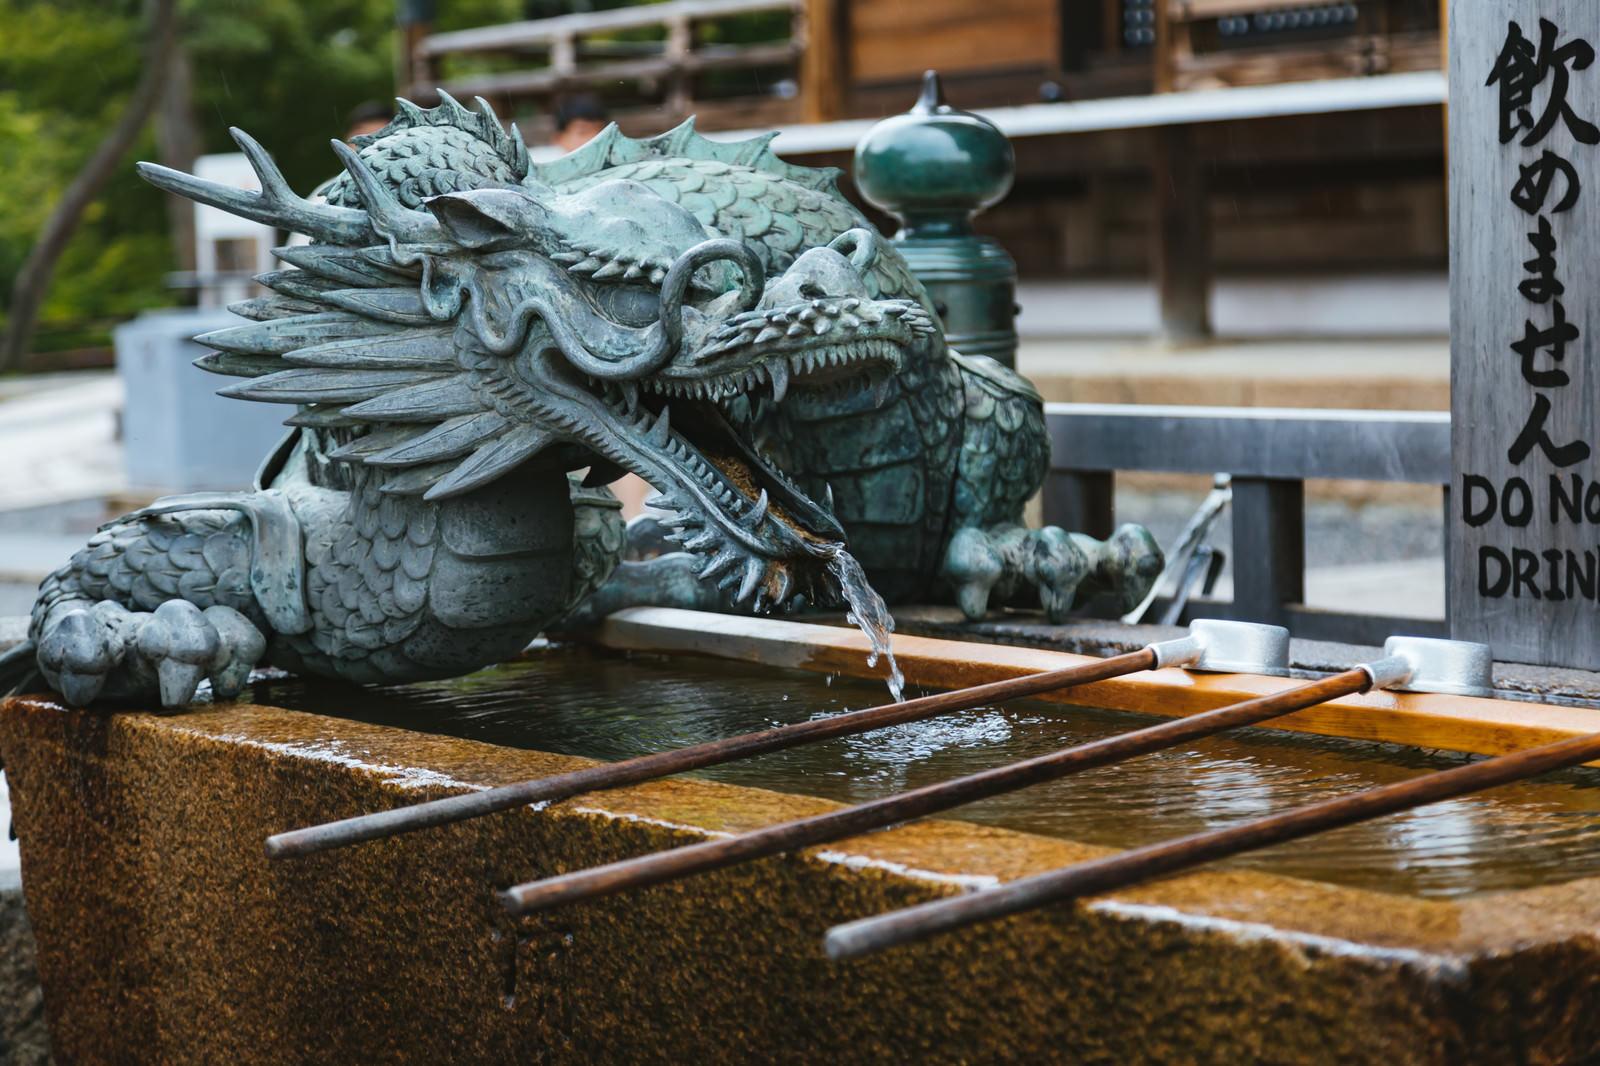 「京都・清水寺梟の手水鉢京都・清水寺梟の手水鉢」のフリー写真素材を拡大